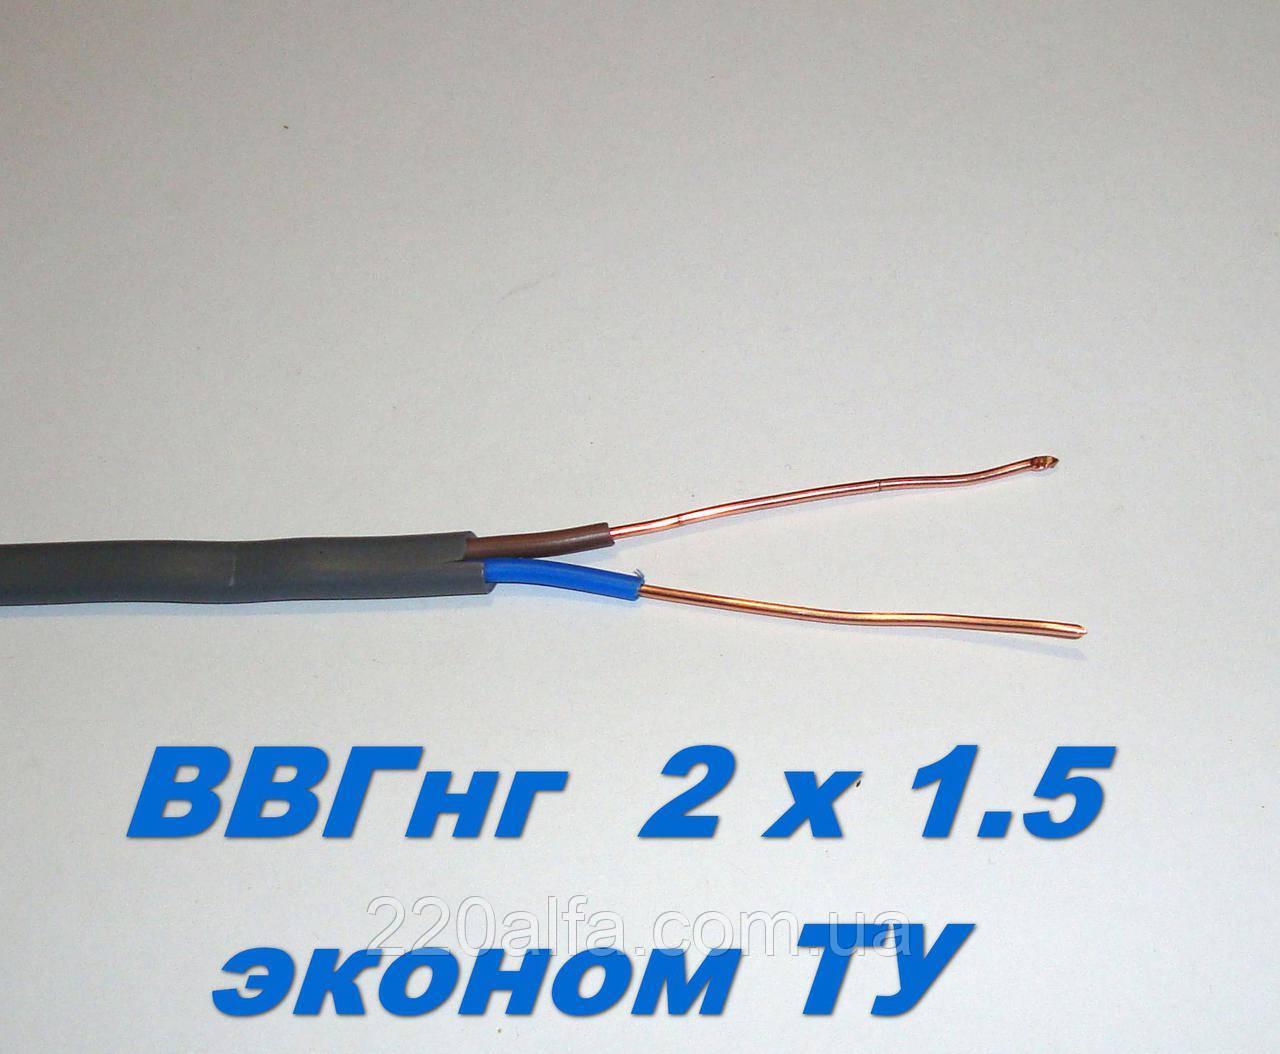 Силовой кабель медный провод ВВГнг 2х 1.5 эконом ТУ.